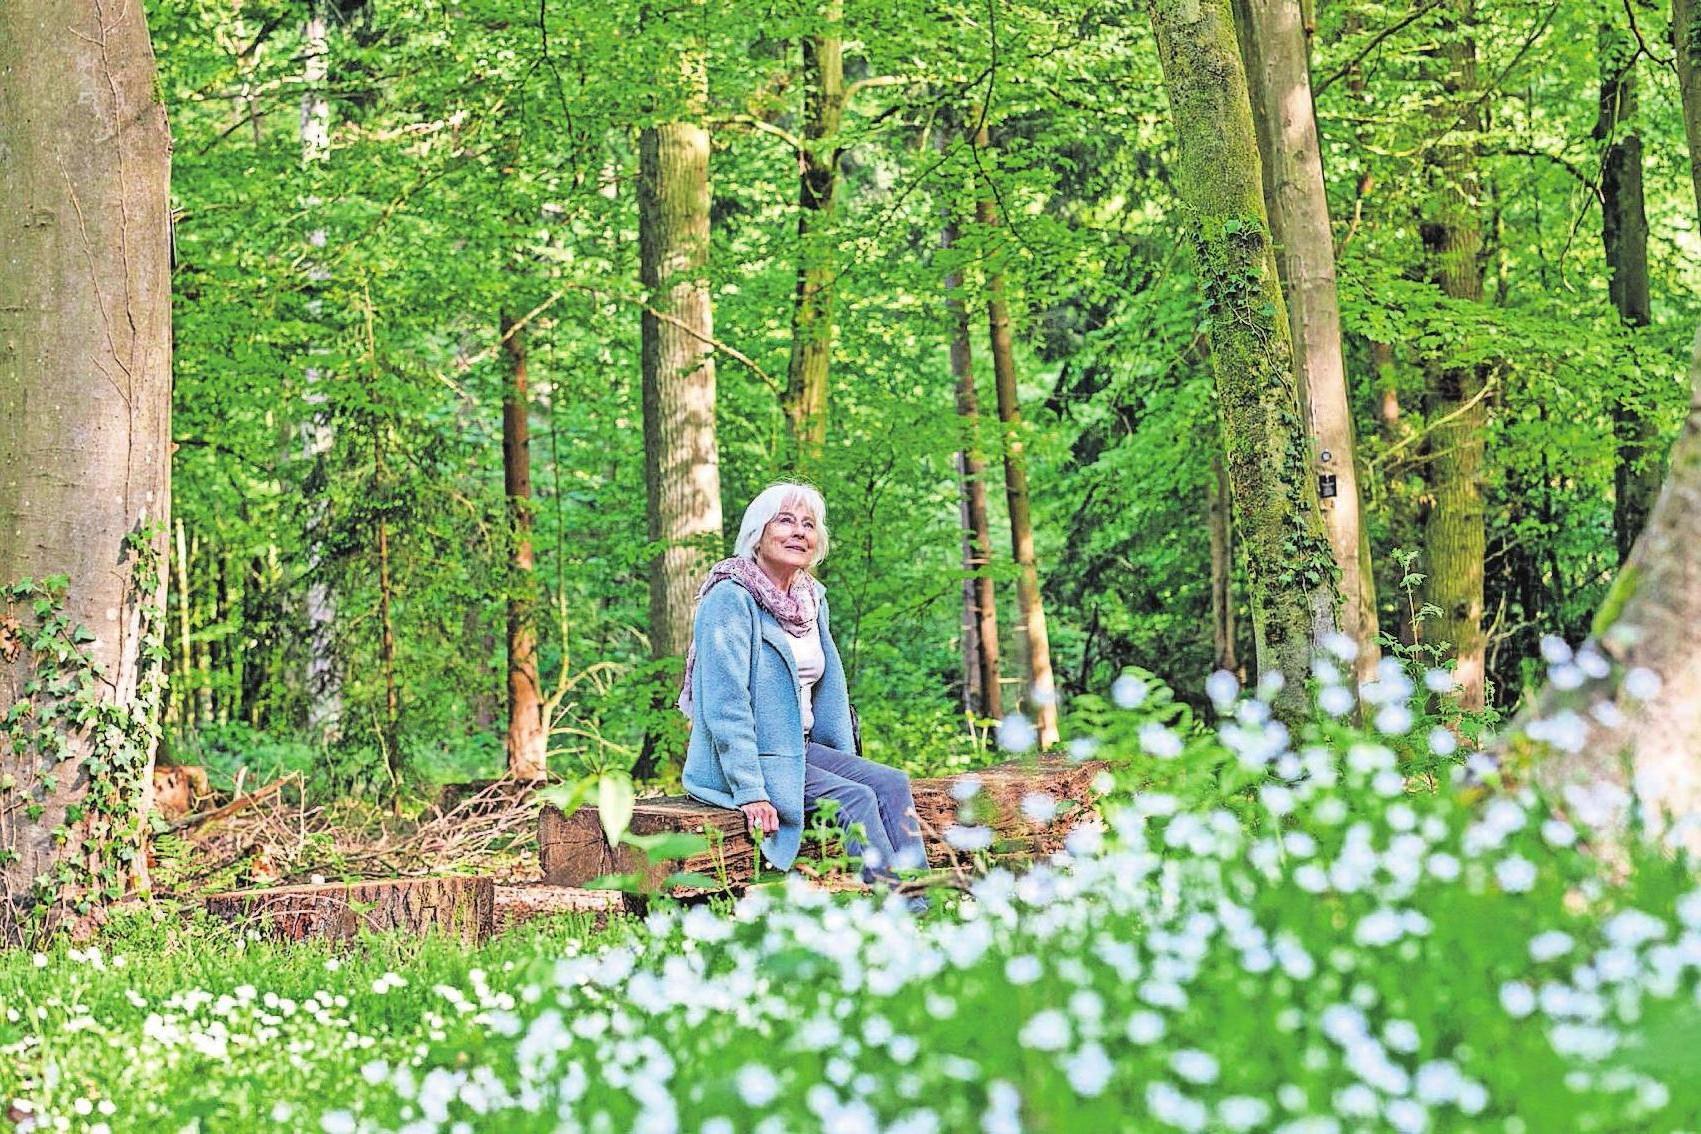 Wer überlegt, sich in einem Bestattungswald beisetzen zu lassen, kann dort bei einem individuellen Termin den richtigen Platz finden. Foto: djd/FriedWald